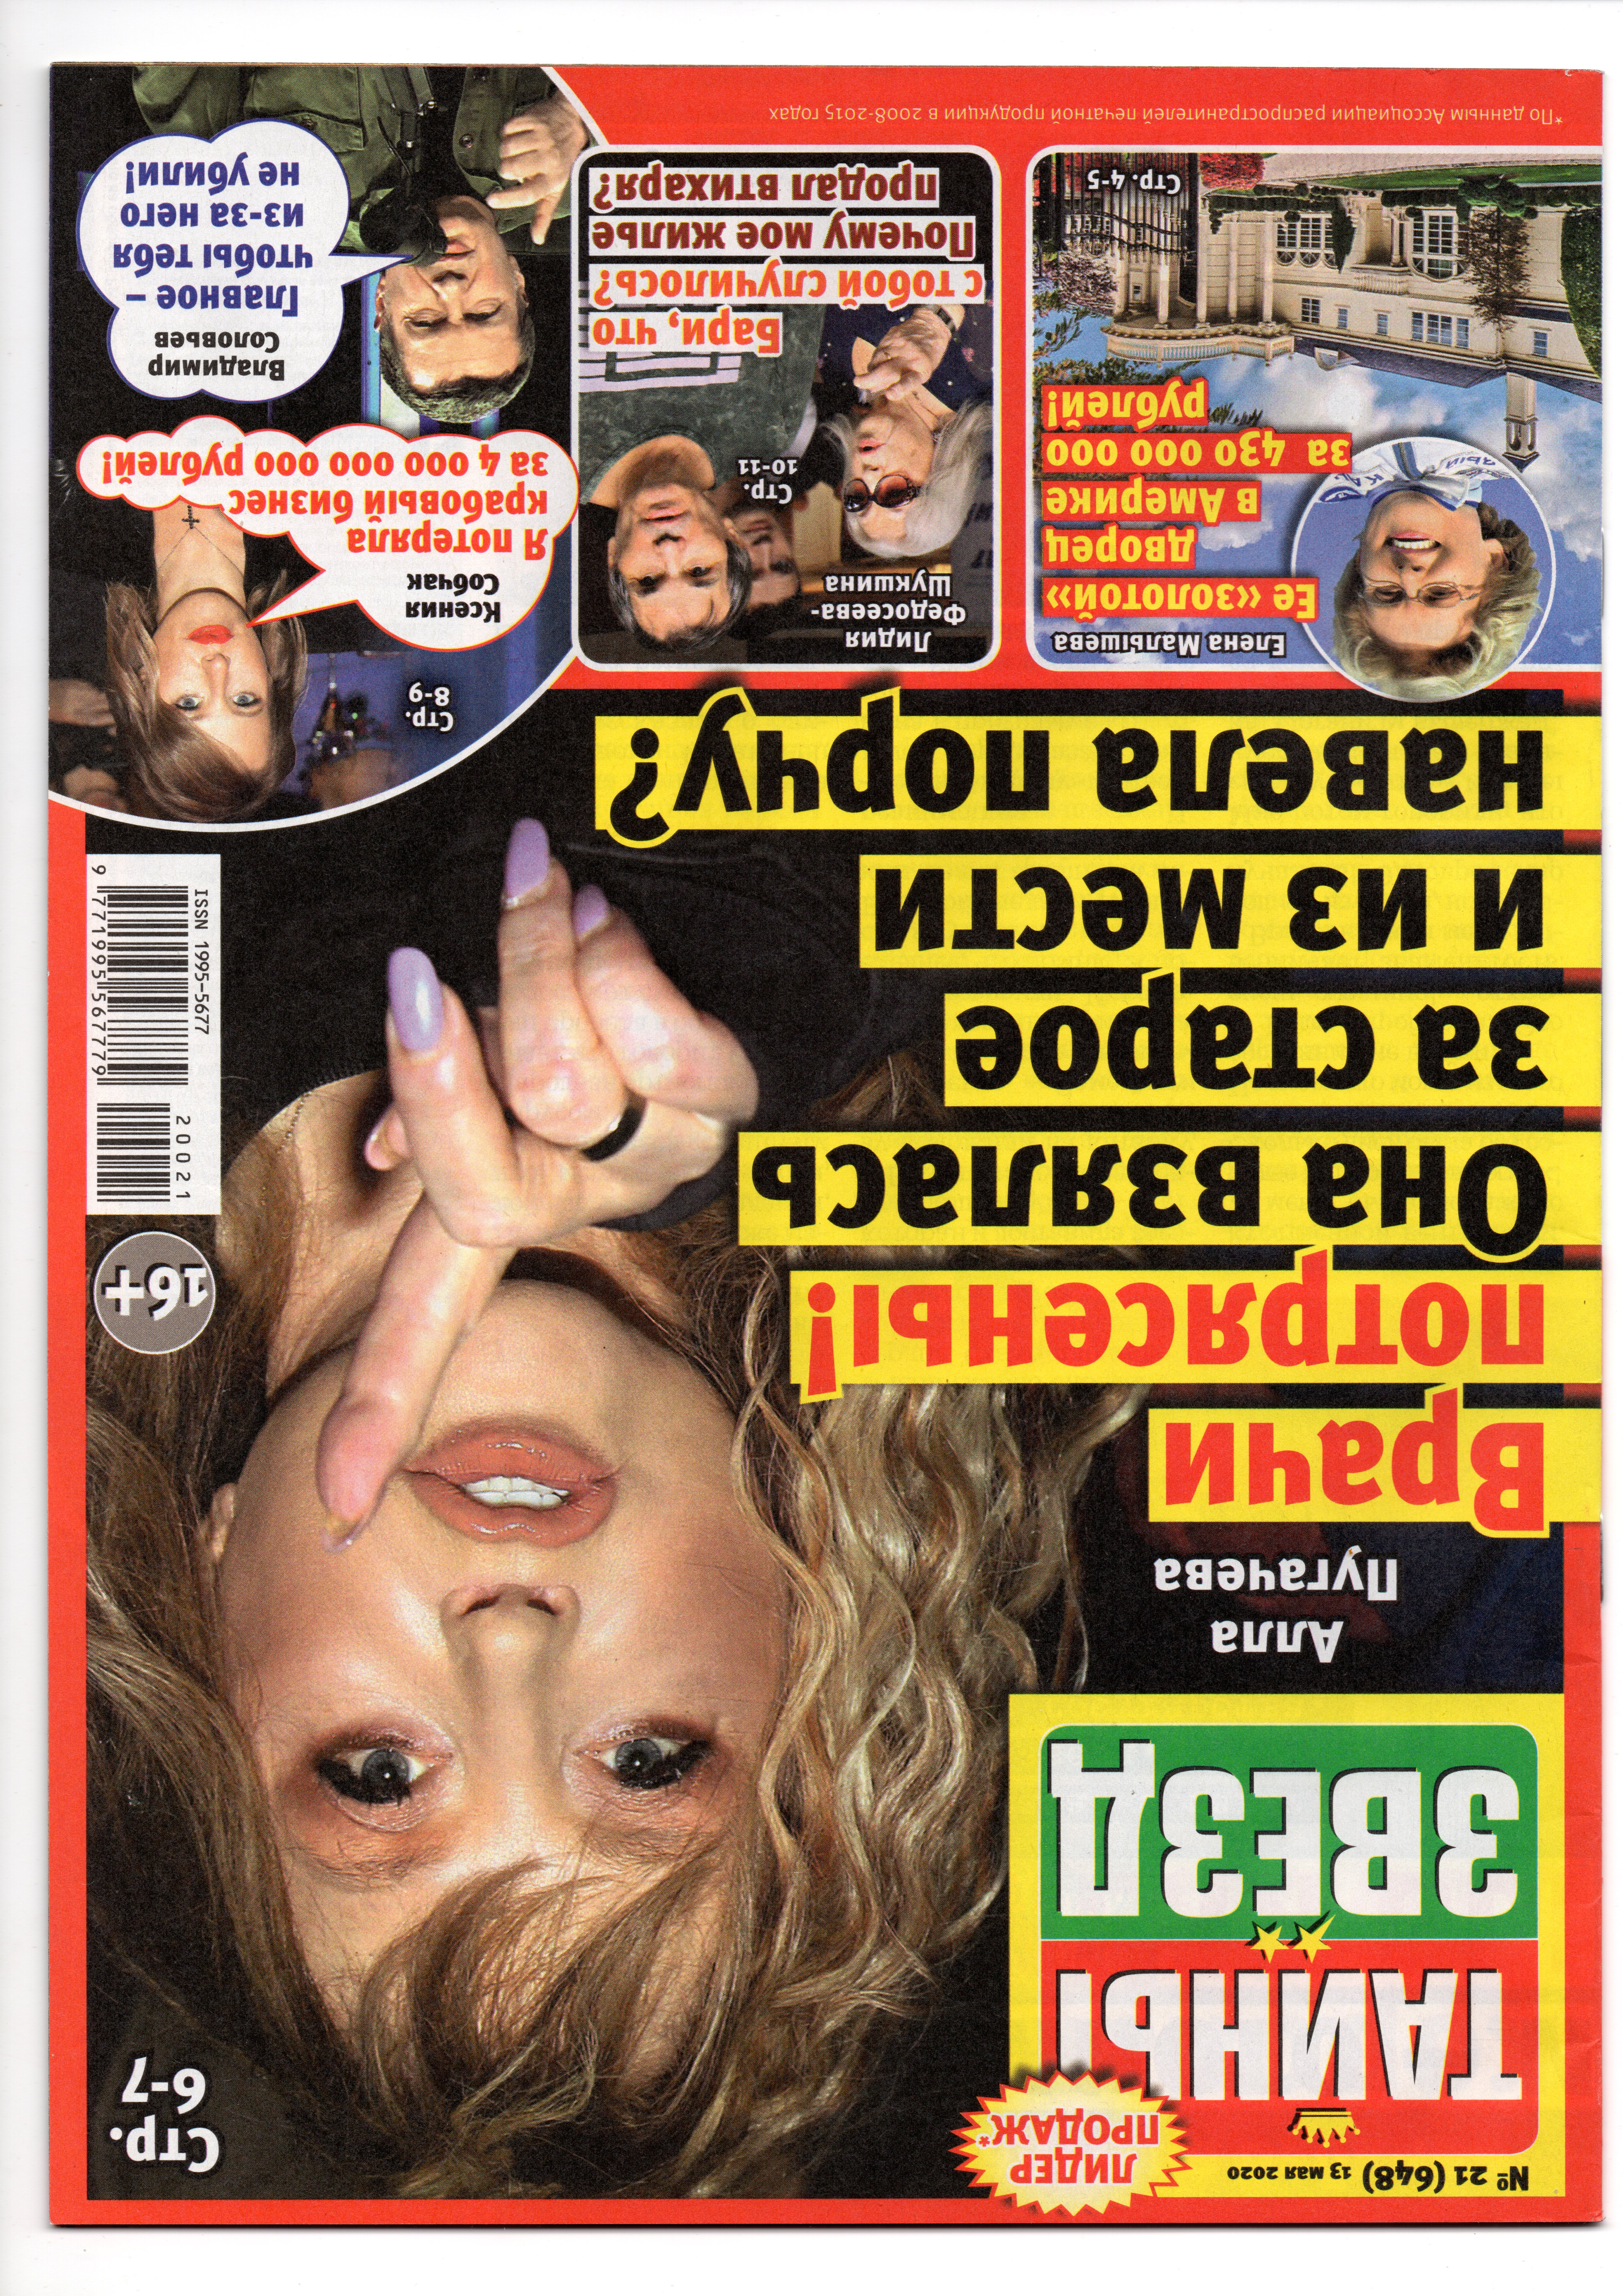 http://forumupload.ru/uploads/000c/4a/cb/3972/732062.jpg